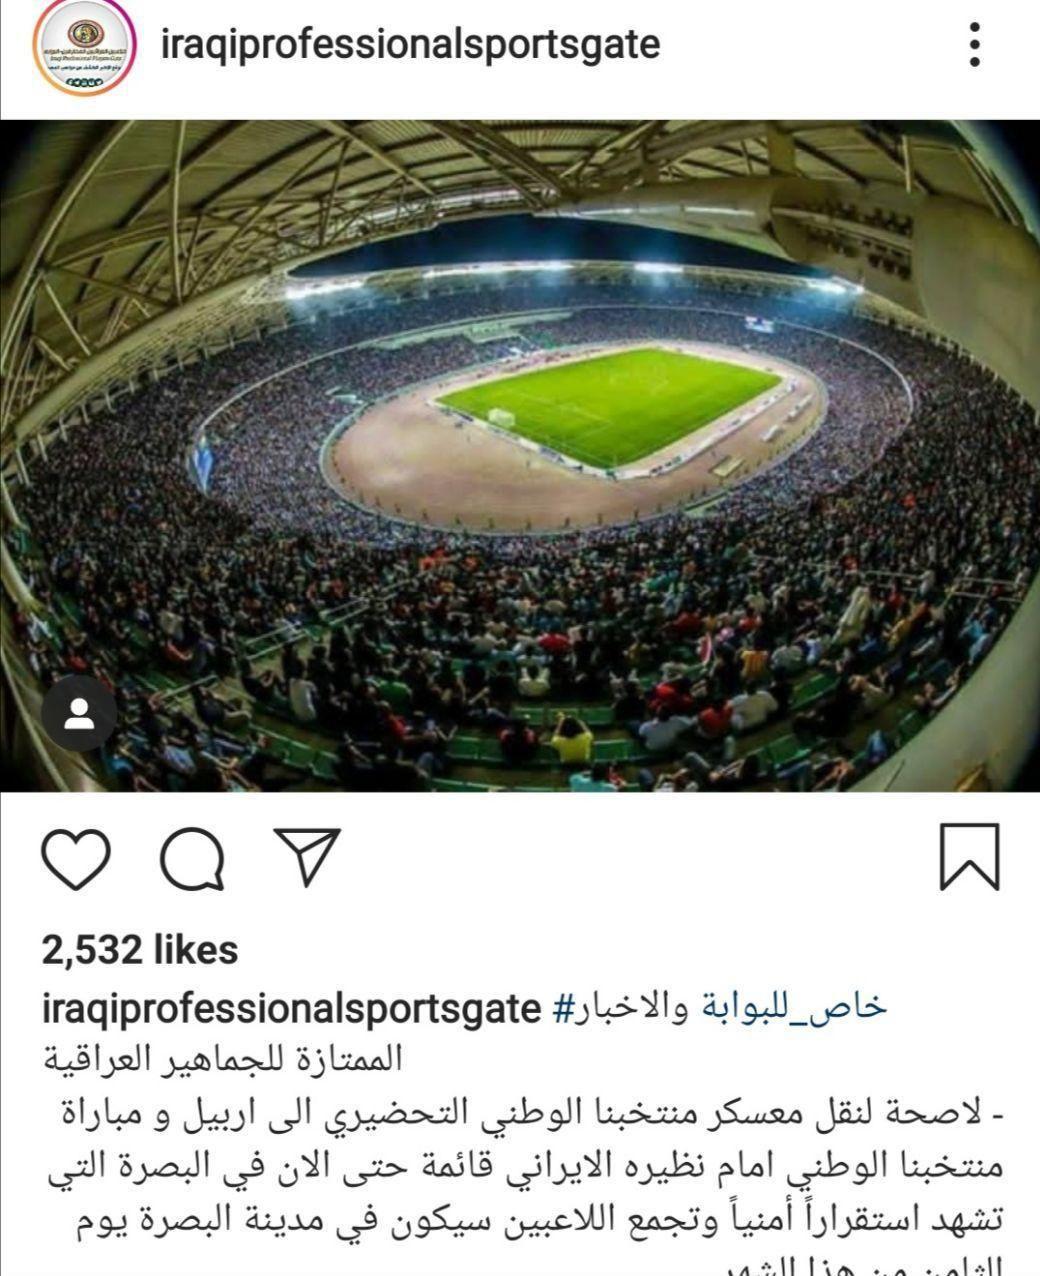 مکان دیدار تیم ملی فوتبال ایران مقابل عراق تغییر نمیکند